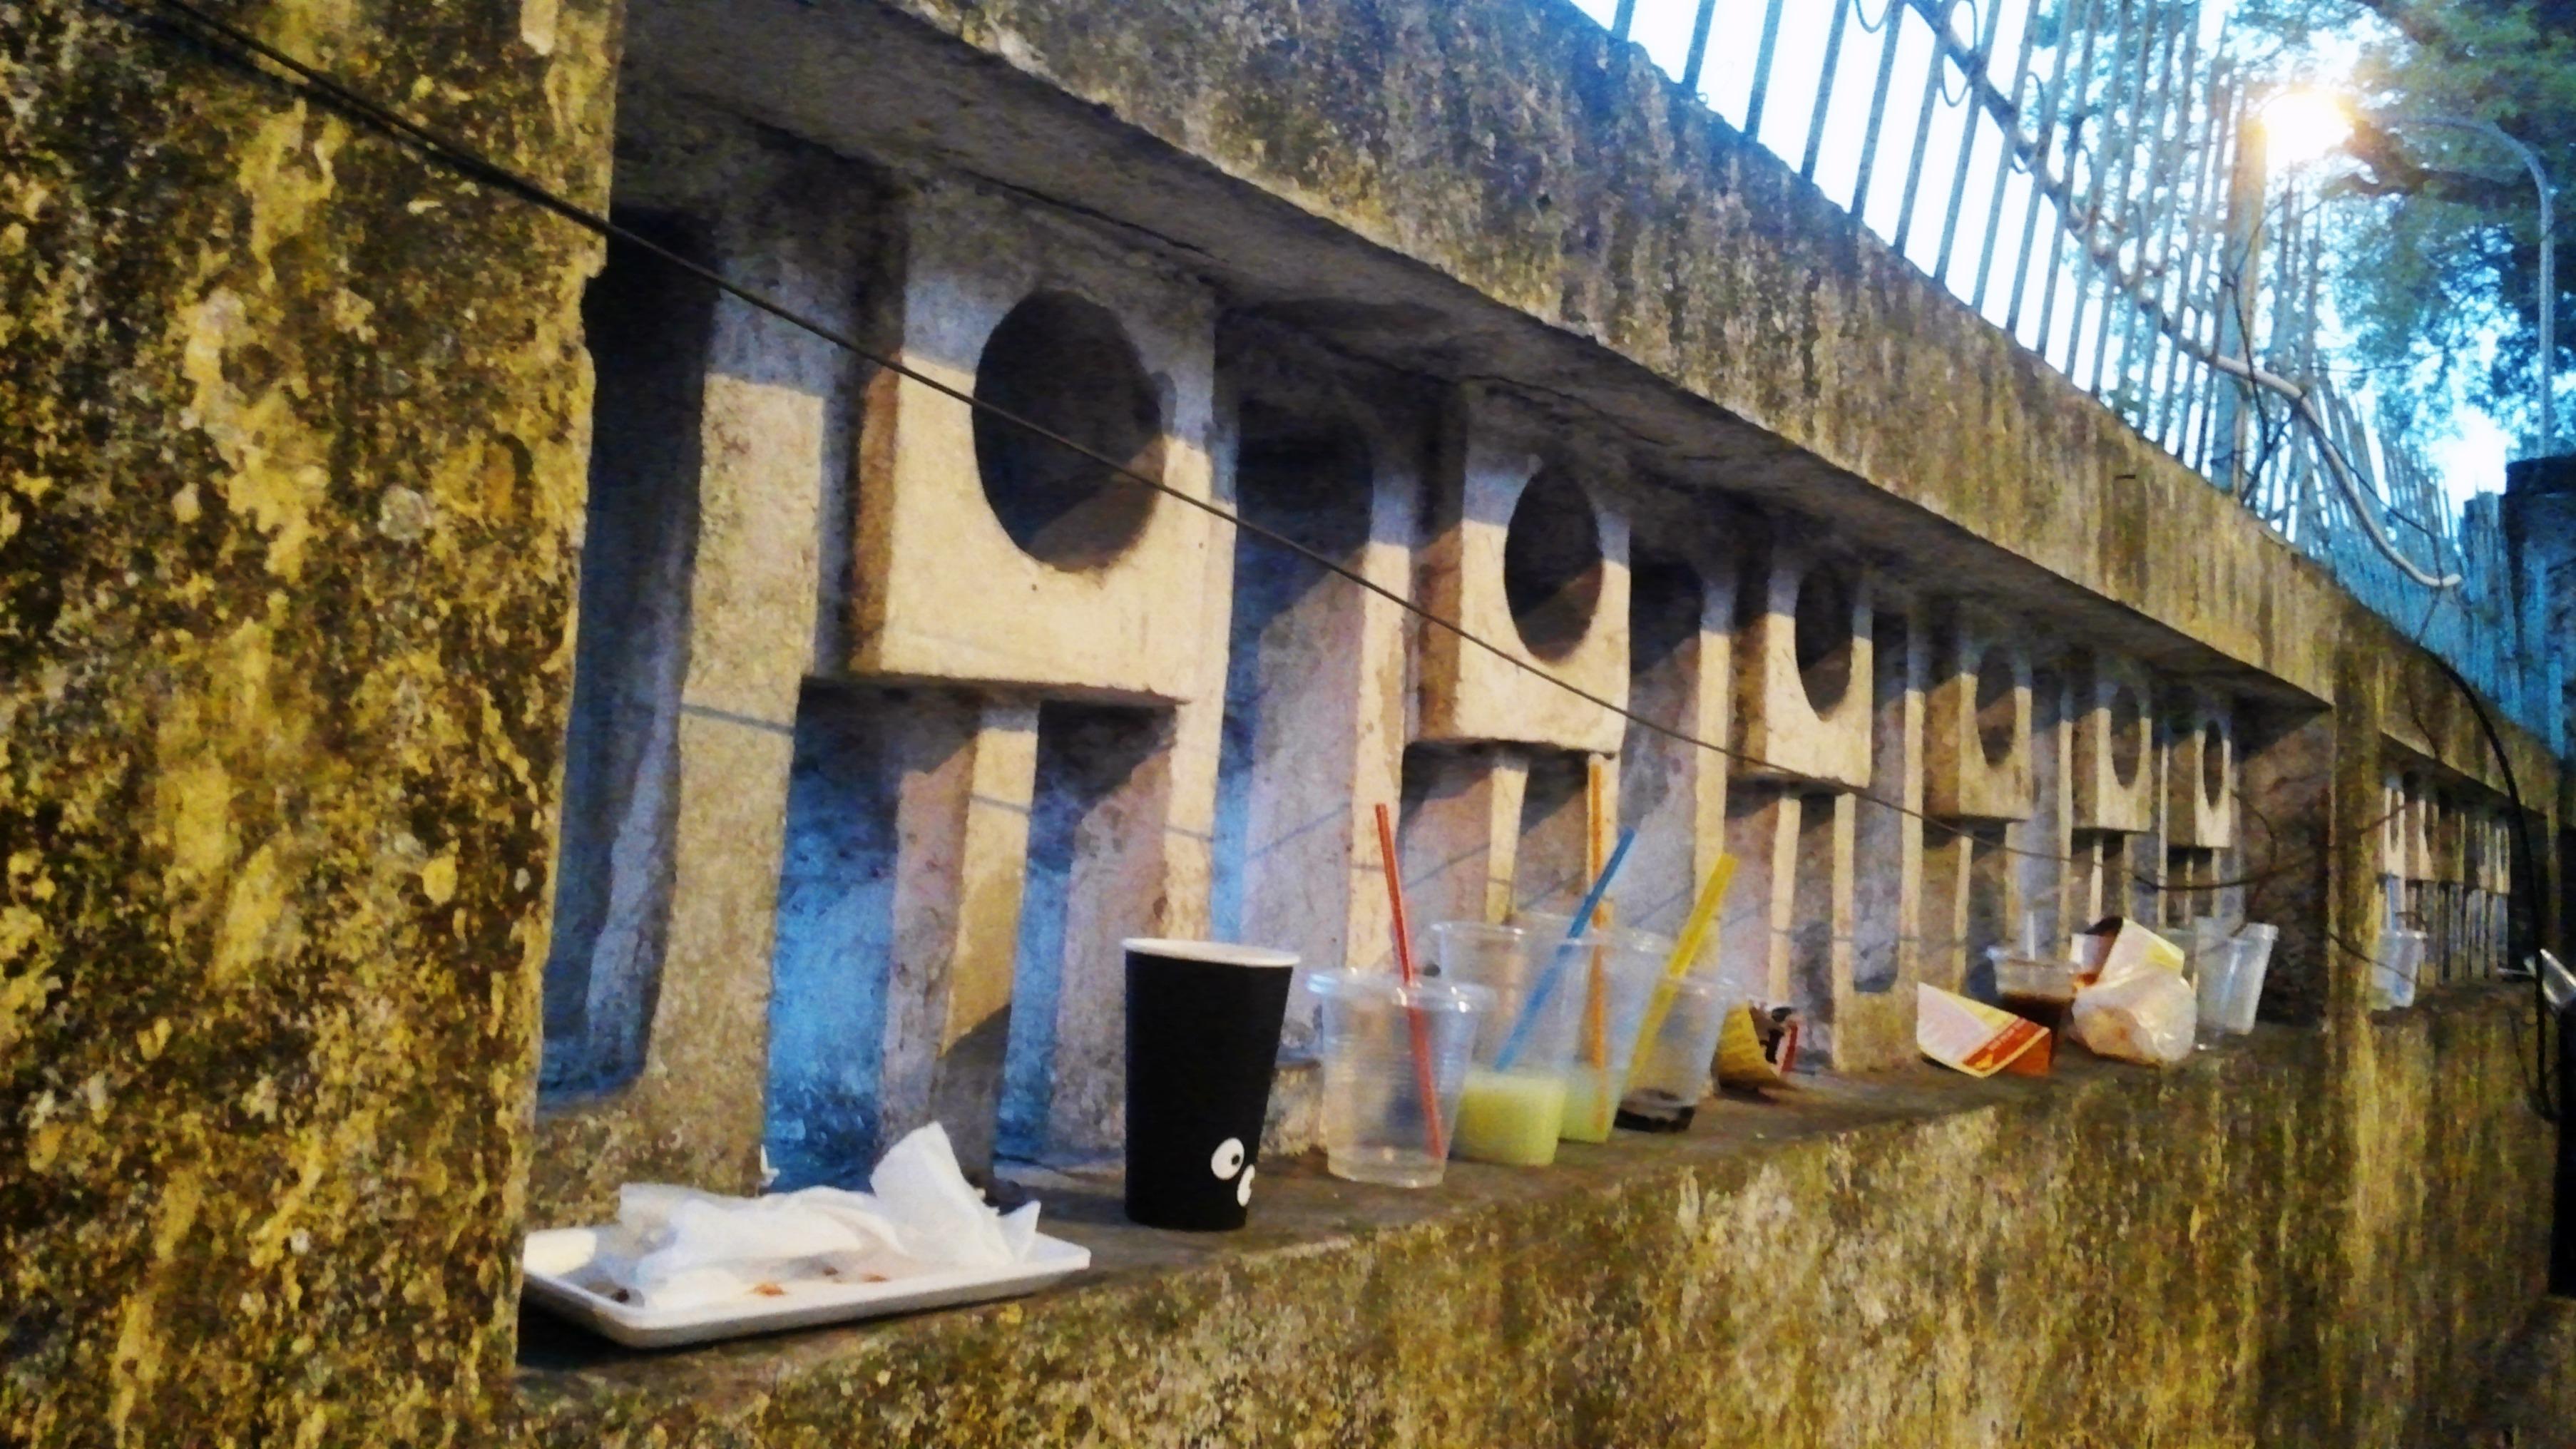 Tường Hoàng thành Thăng Long cũng được 'chiếm dụng' làm nơi để rác. Ảnh Lao Động